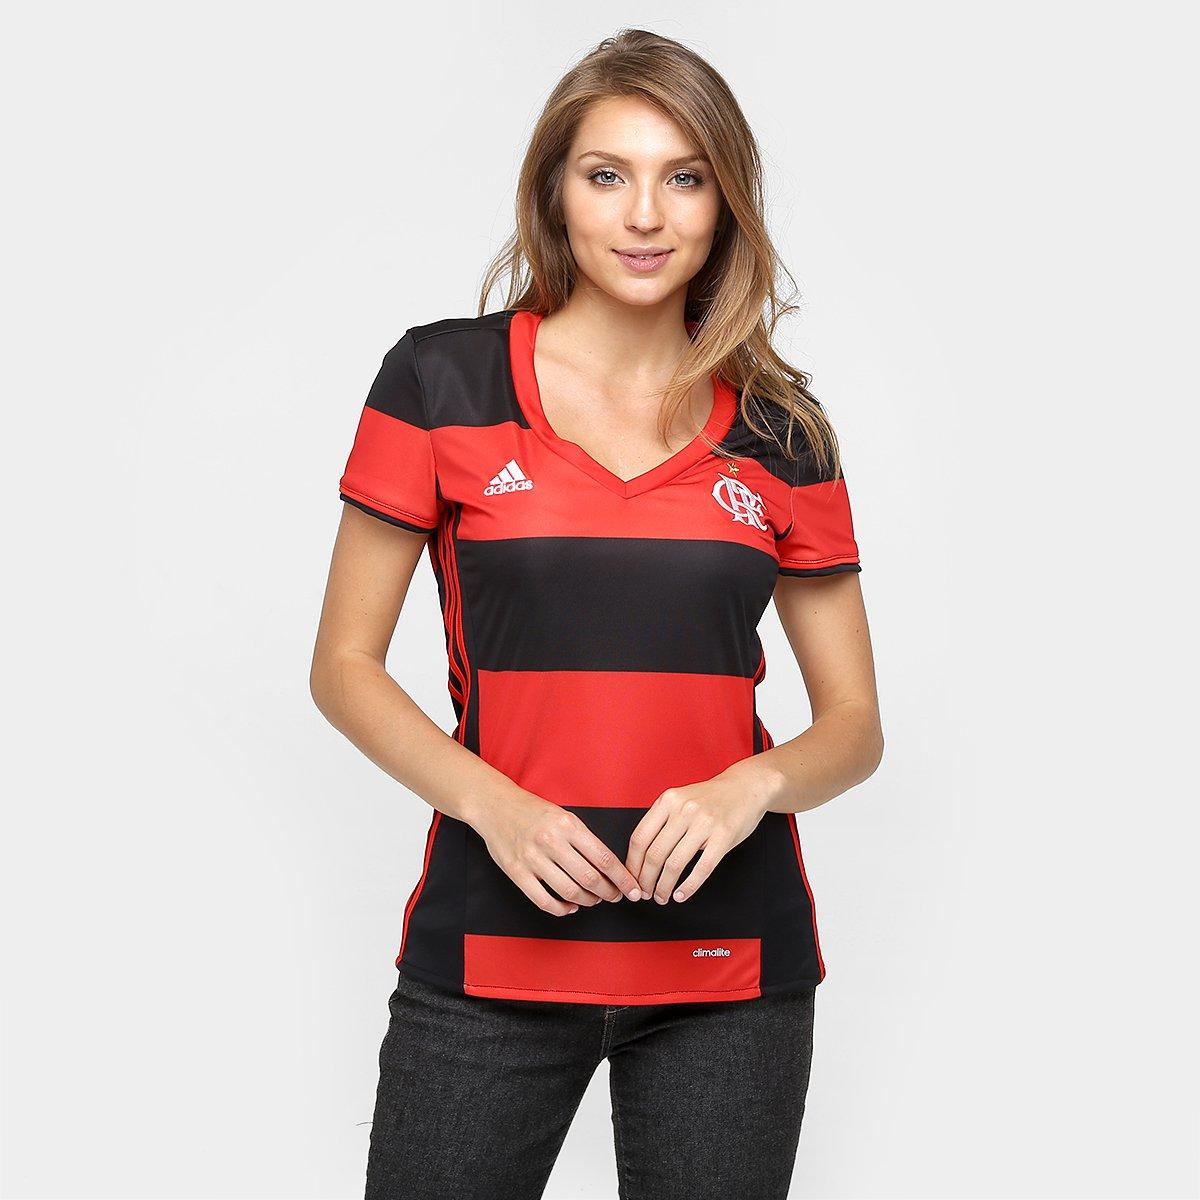 ... Camisa Feminina Adidas Flamengo I 2016 s nº c3e852414e0c3